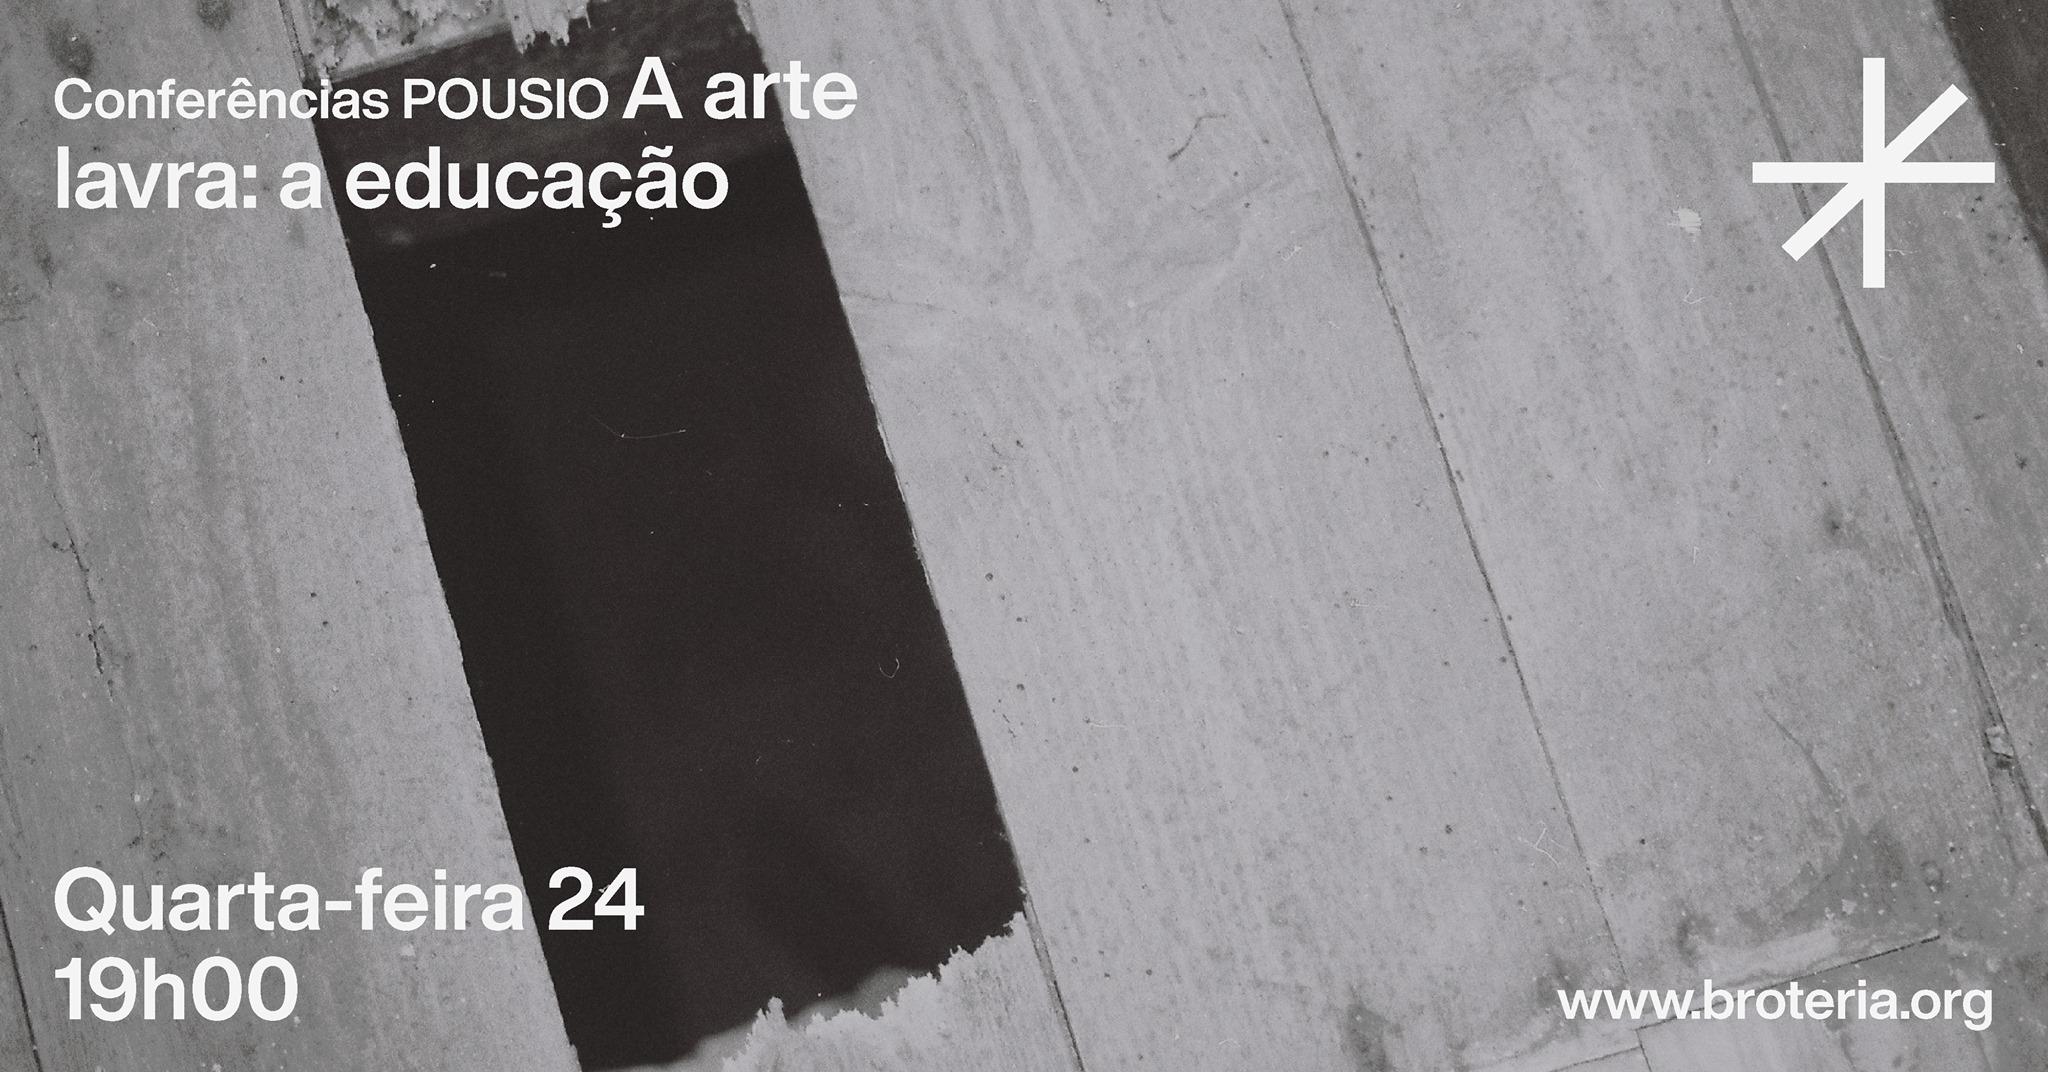 Conferências POUSIO   A arte lavra: a educação